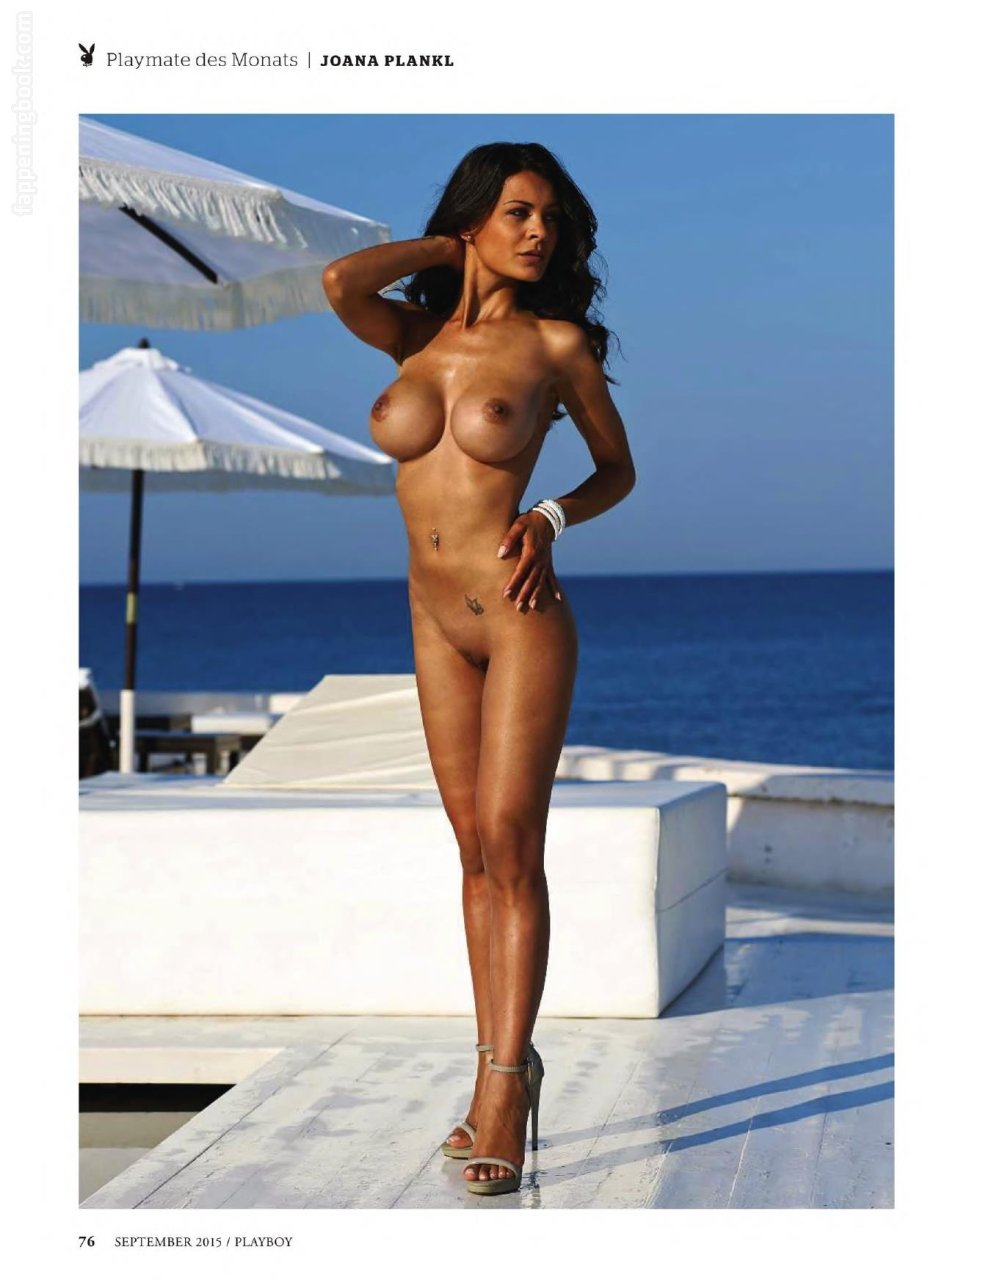 Joana plankl playboy nackt